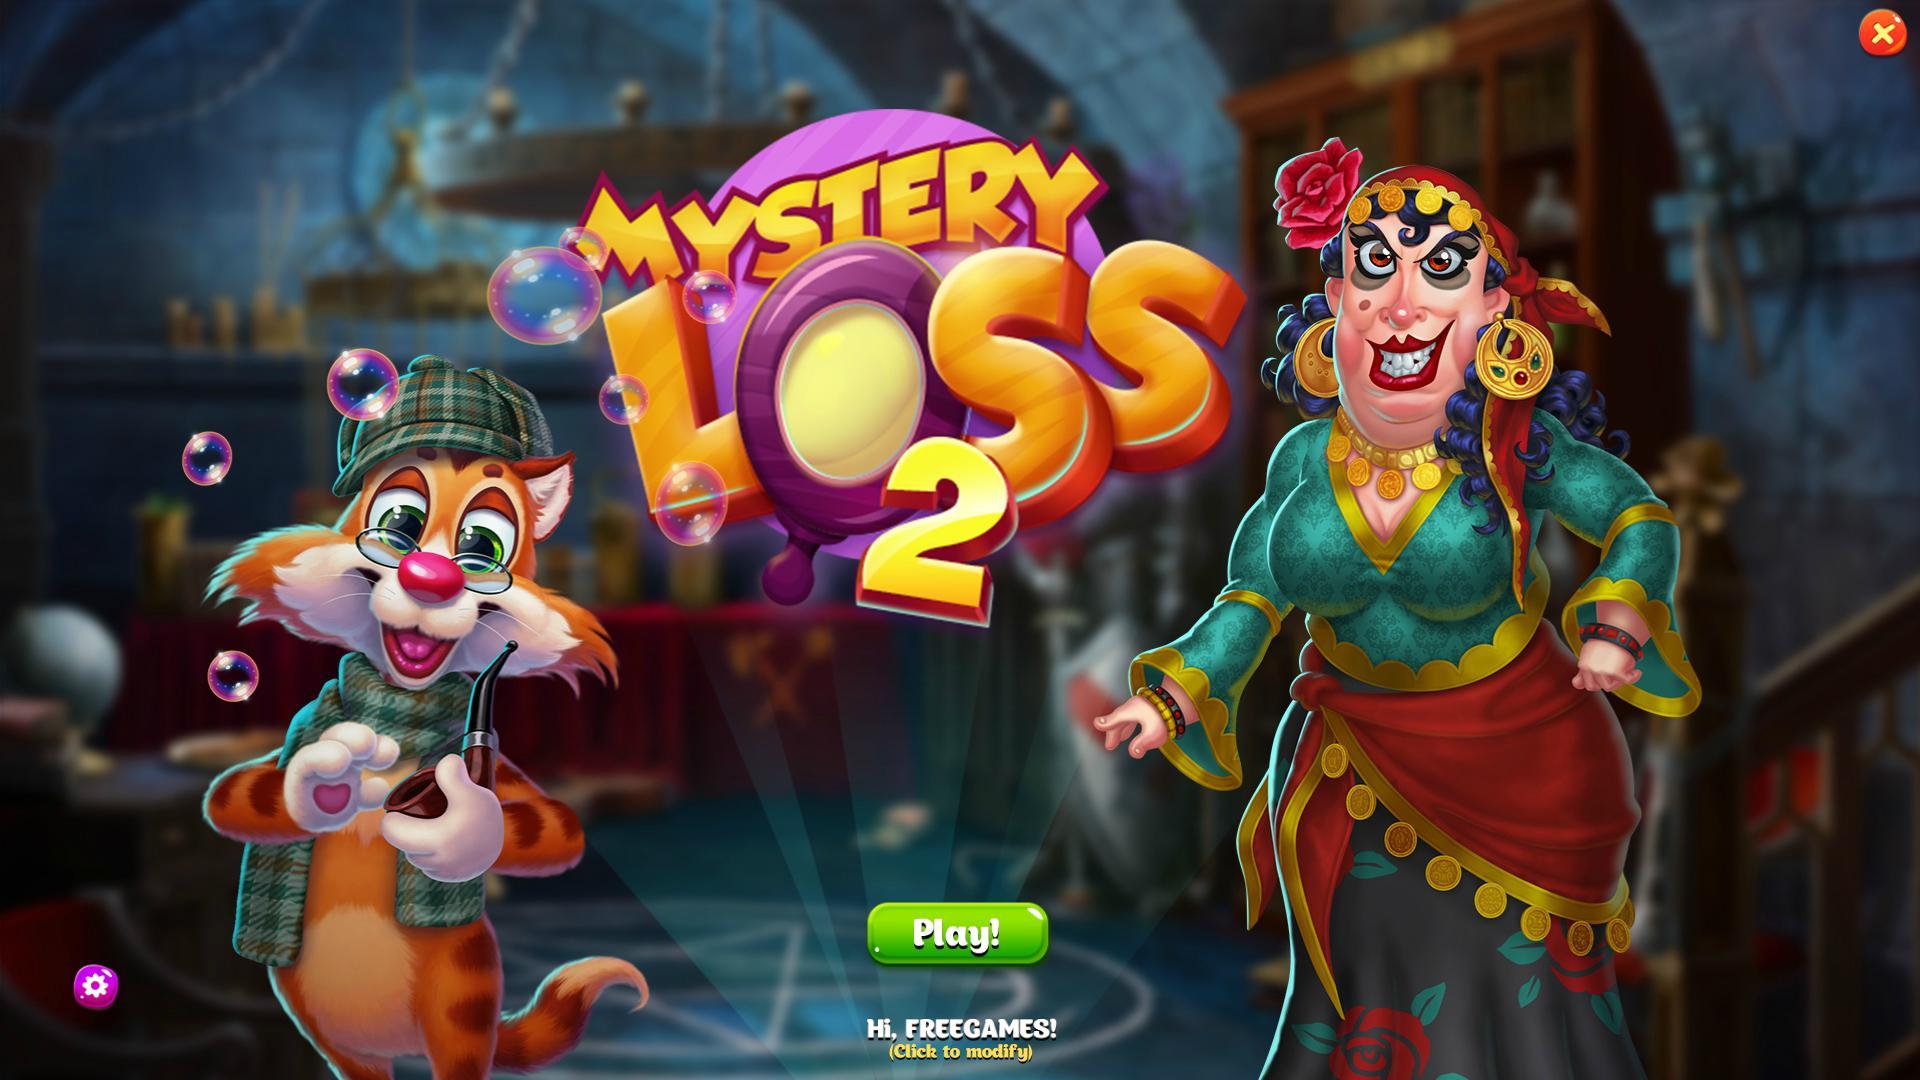 Тайна исчезновения | Mystery Loss 2 (En)